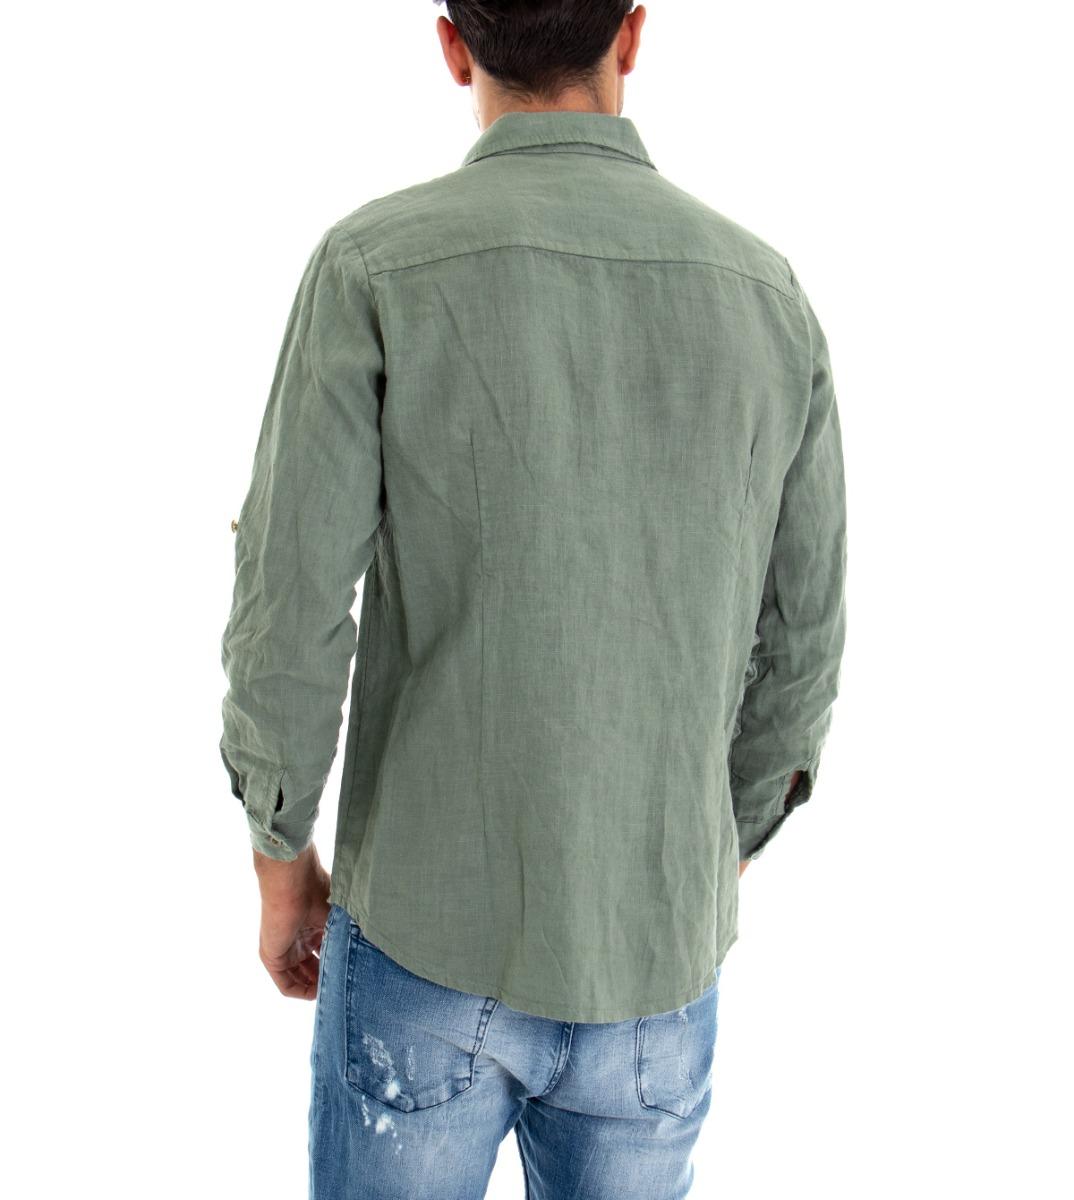 Camicia-Uomo-Lino-Maniche-Lunghe-Colletto-Tinta-Unita-Verde-GIOSAL miniatura 6